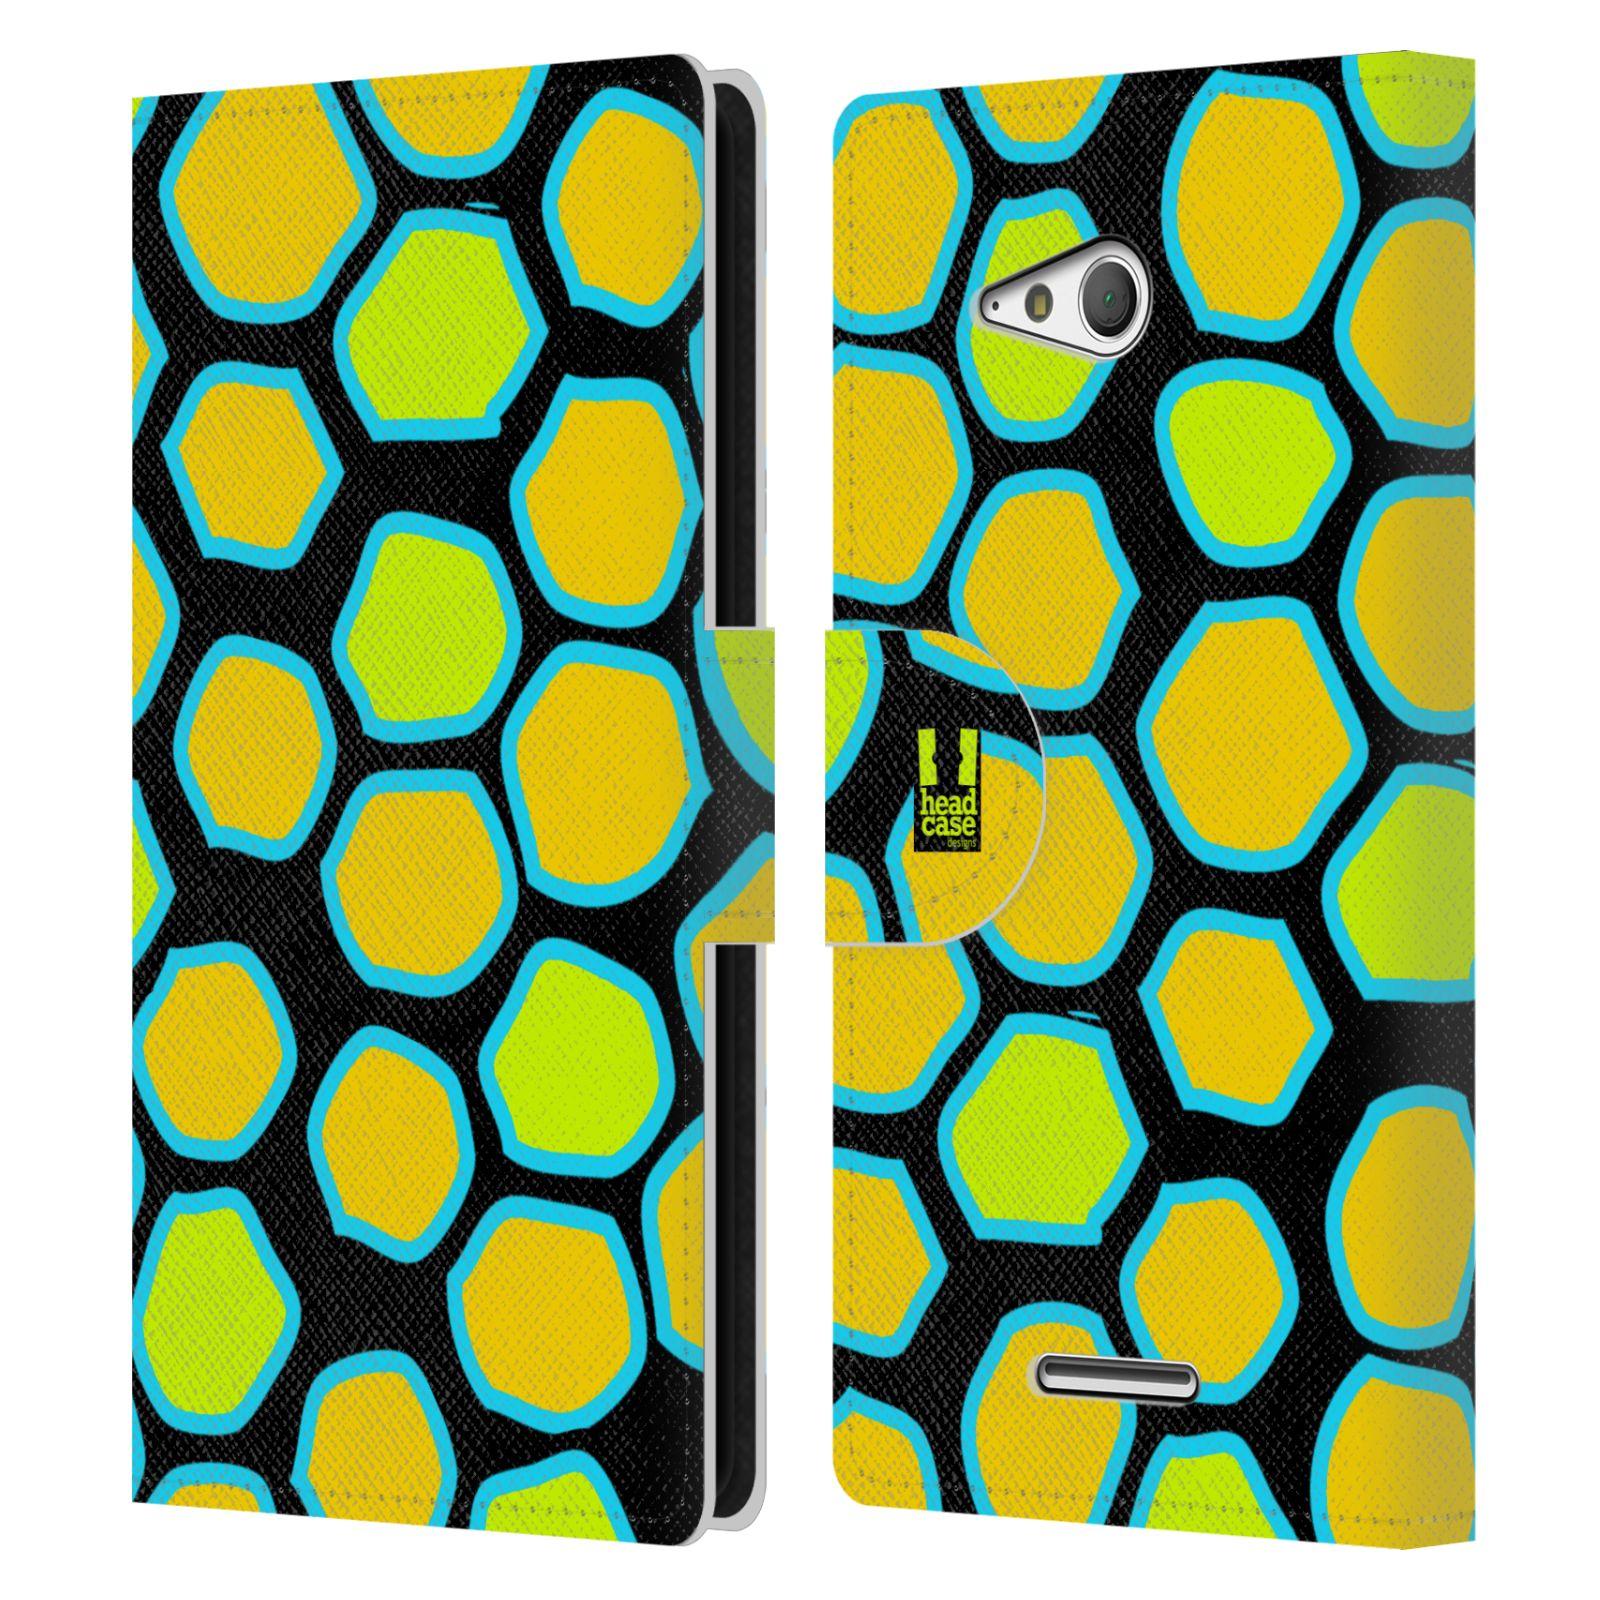 HEAD CASE Flipové pouzdro pro mobil SONY XPERIA E4g Zvířecí barevné vzory žlutý had